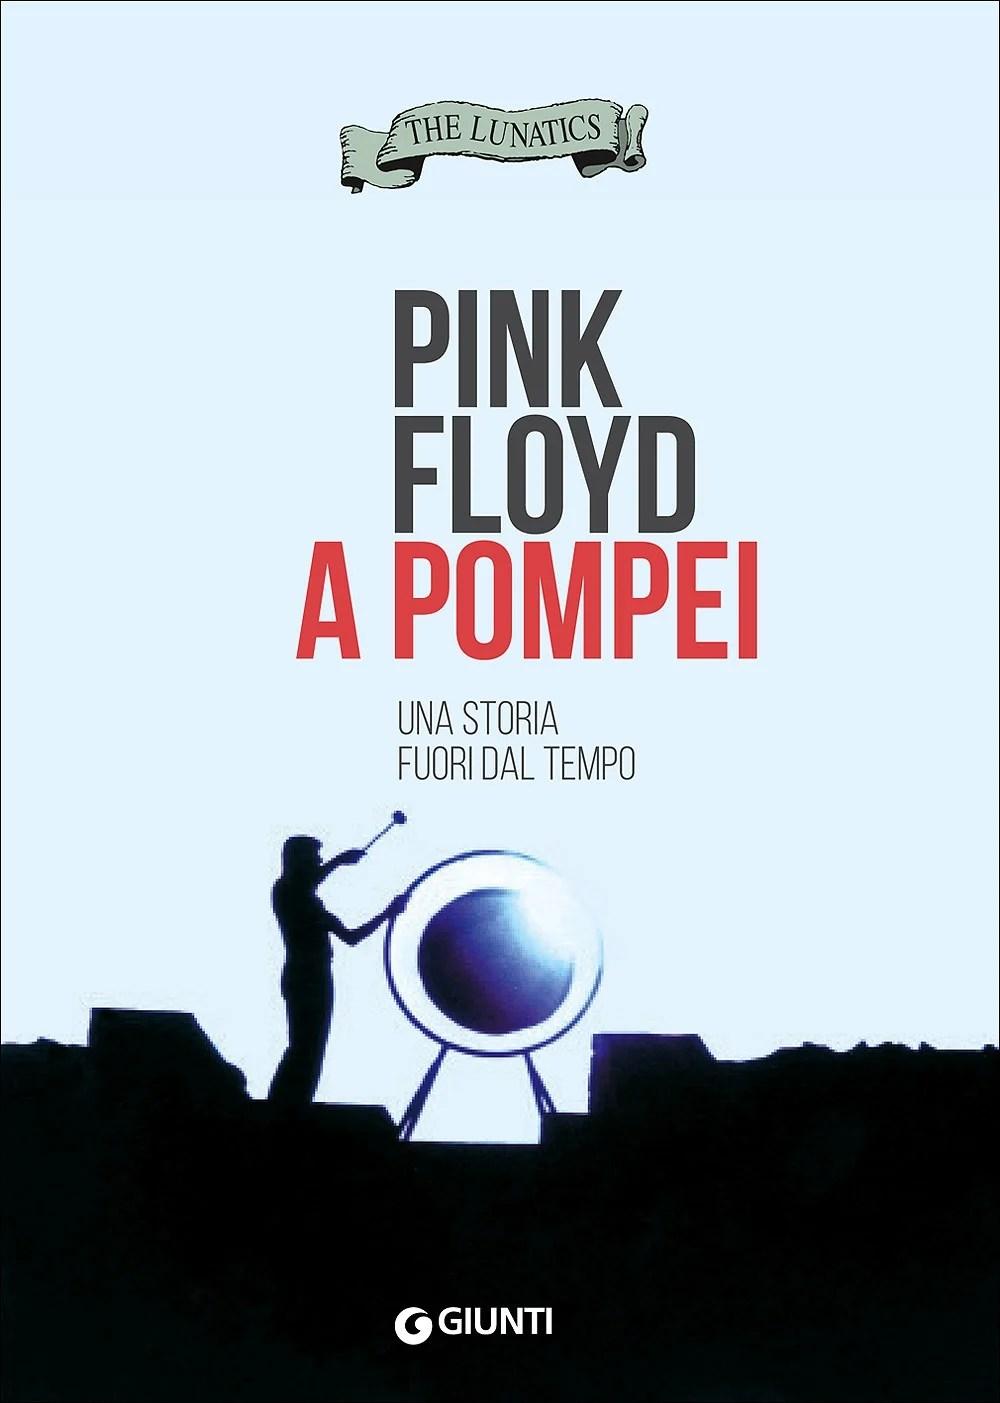 Recensione di Pink Floyd A Pompei – The Lunatics